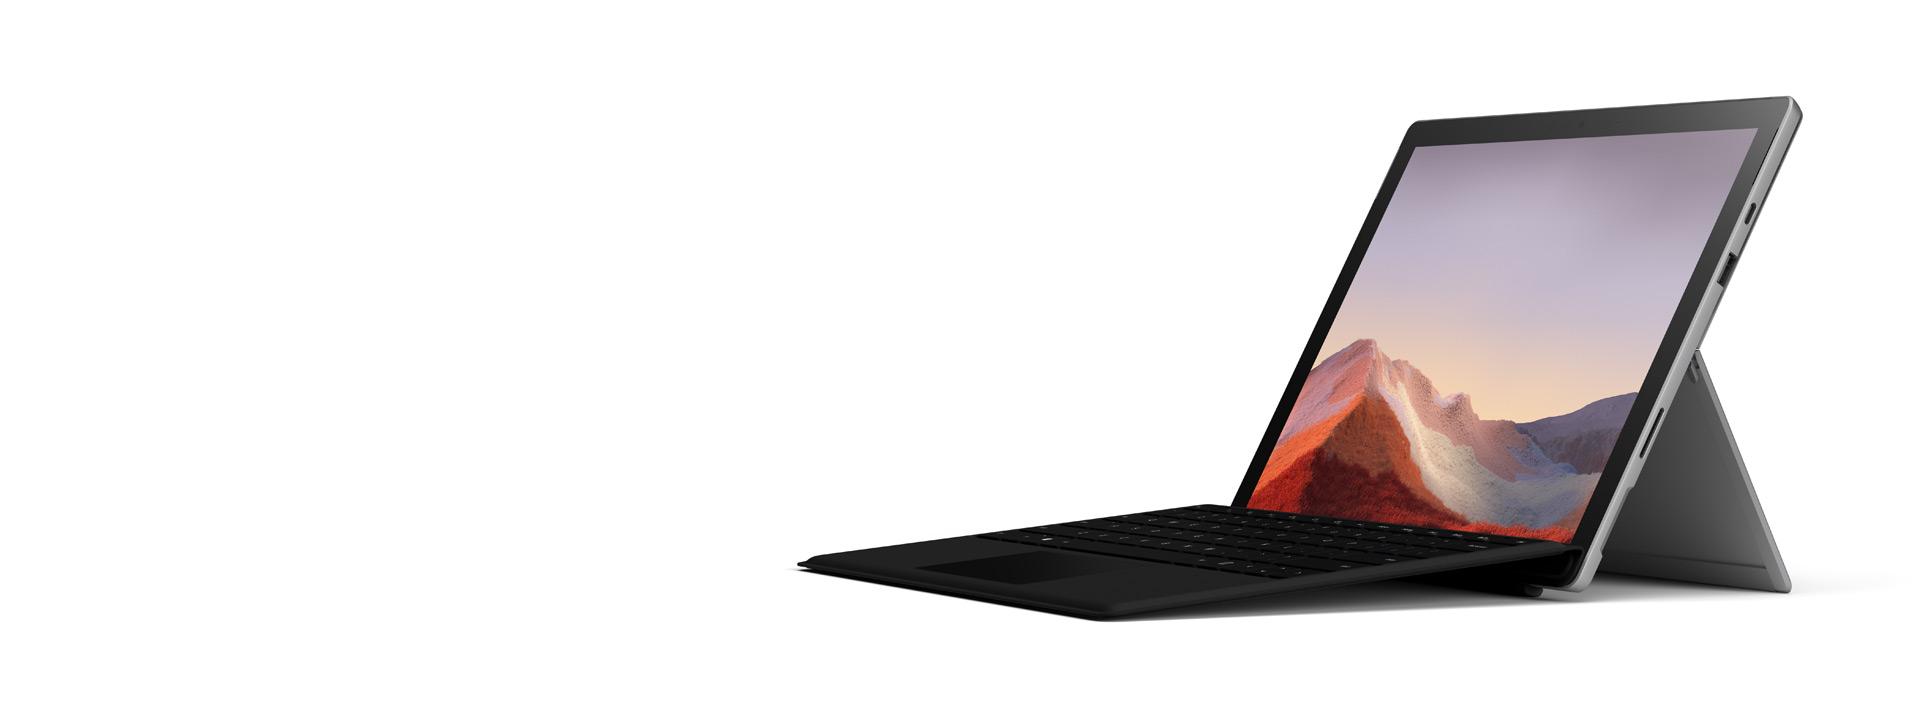 Surface Pro 7(亮铂金)